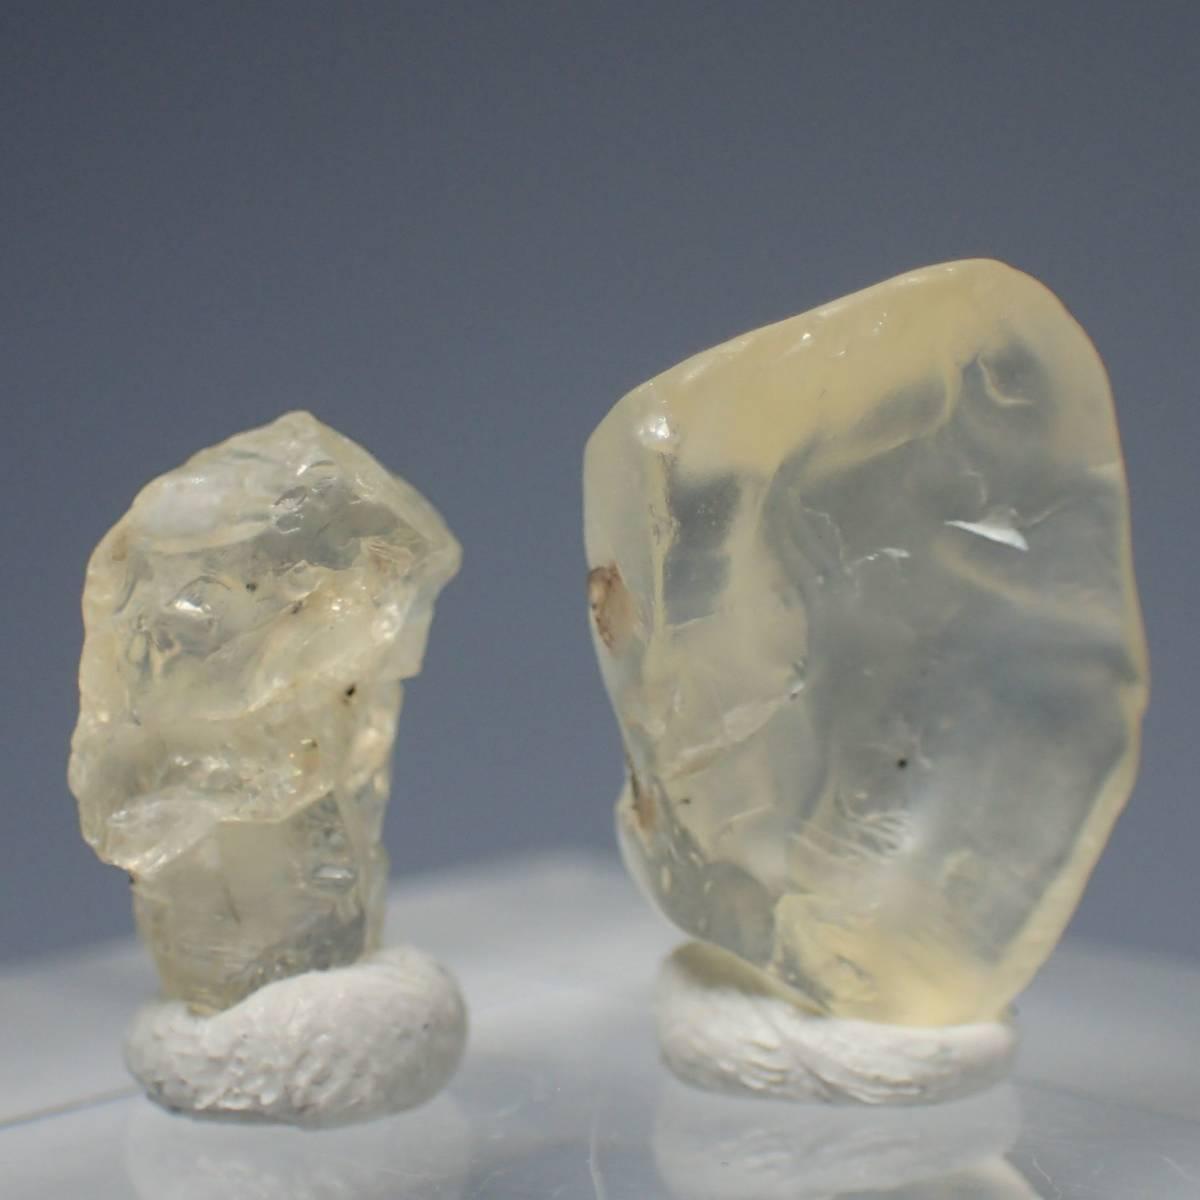 アメリカ合衆国 ユタ州 サンストーンノール産 サンストーン 計6.80ct 天然石 鉱物標本 長石 ラブラドライト パワーストーン_画像2